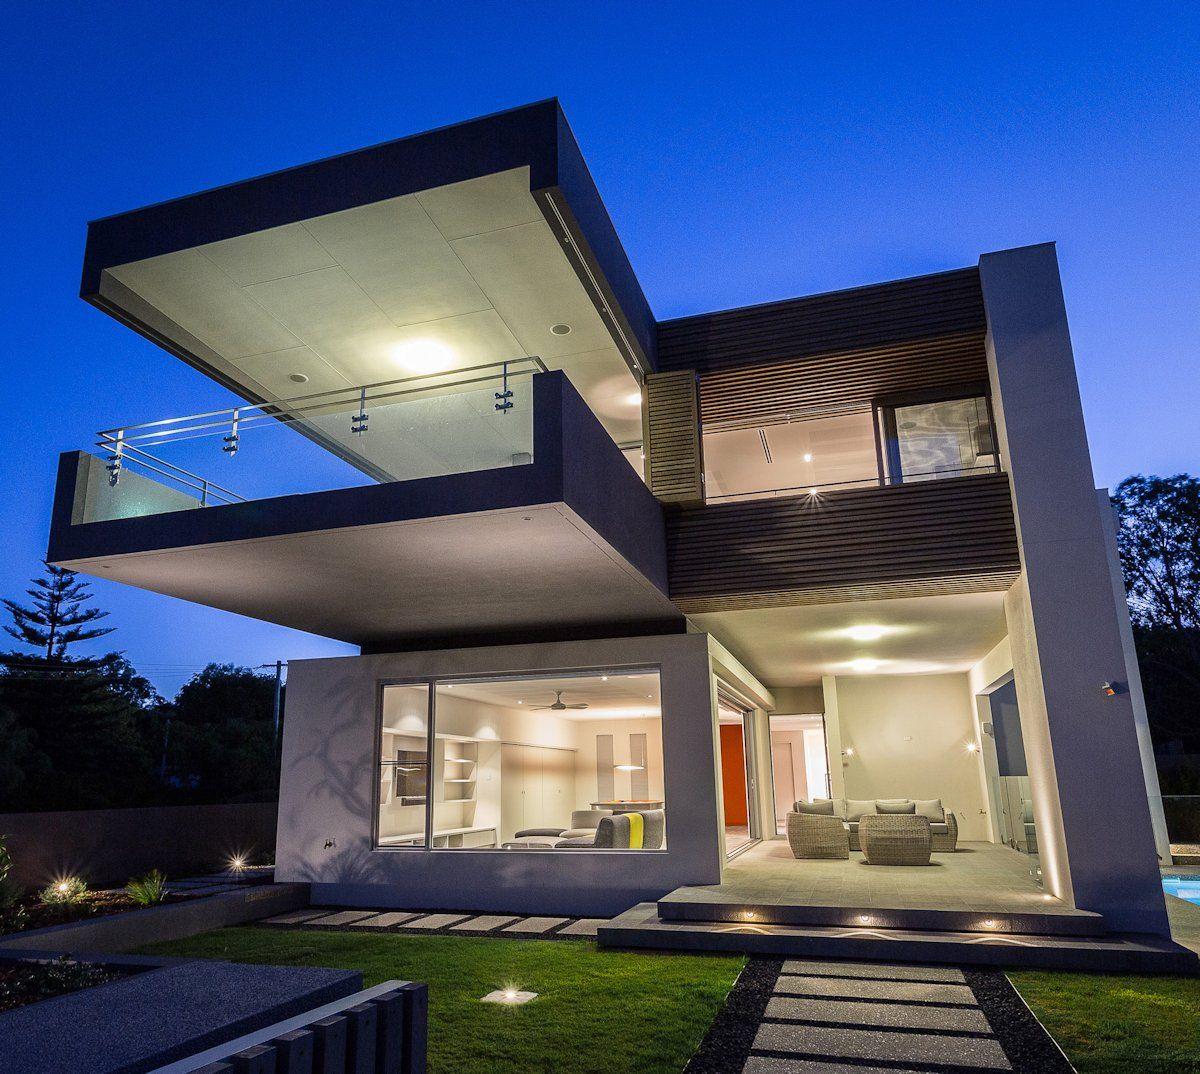 Stunning P048 Residence By Dane Design Australia 8